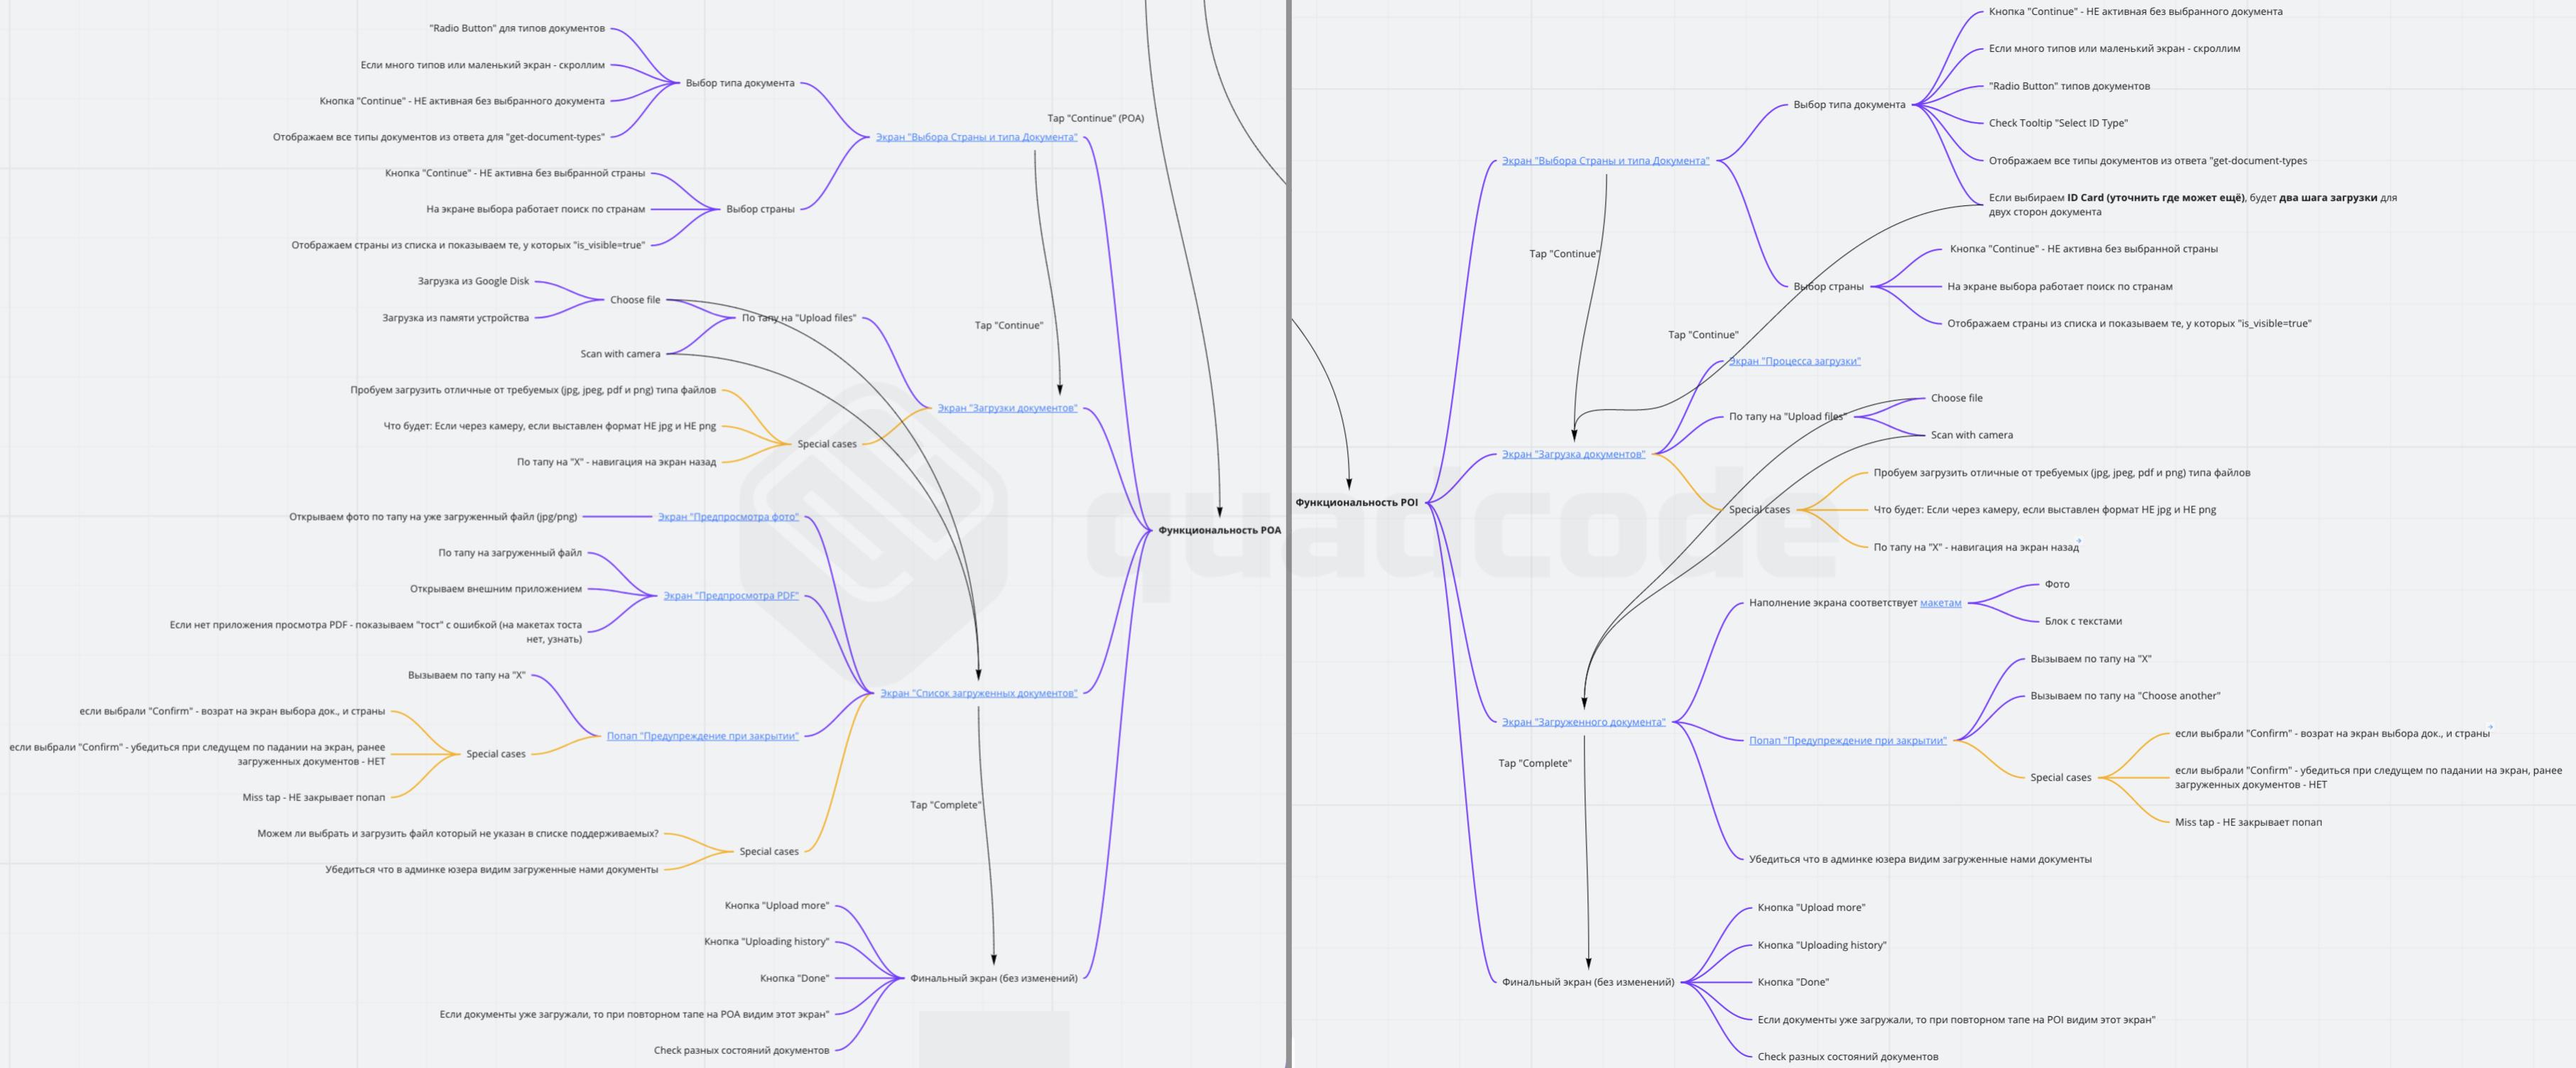 """Категории """"Функциональность POA"""" и """"Функциональность POI"""". Этот скрин и скрины далее, сделаны в сервисе Miro. О самом сервисе будет отдельный абзац ниже."""